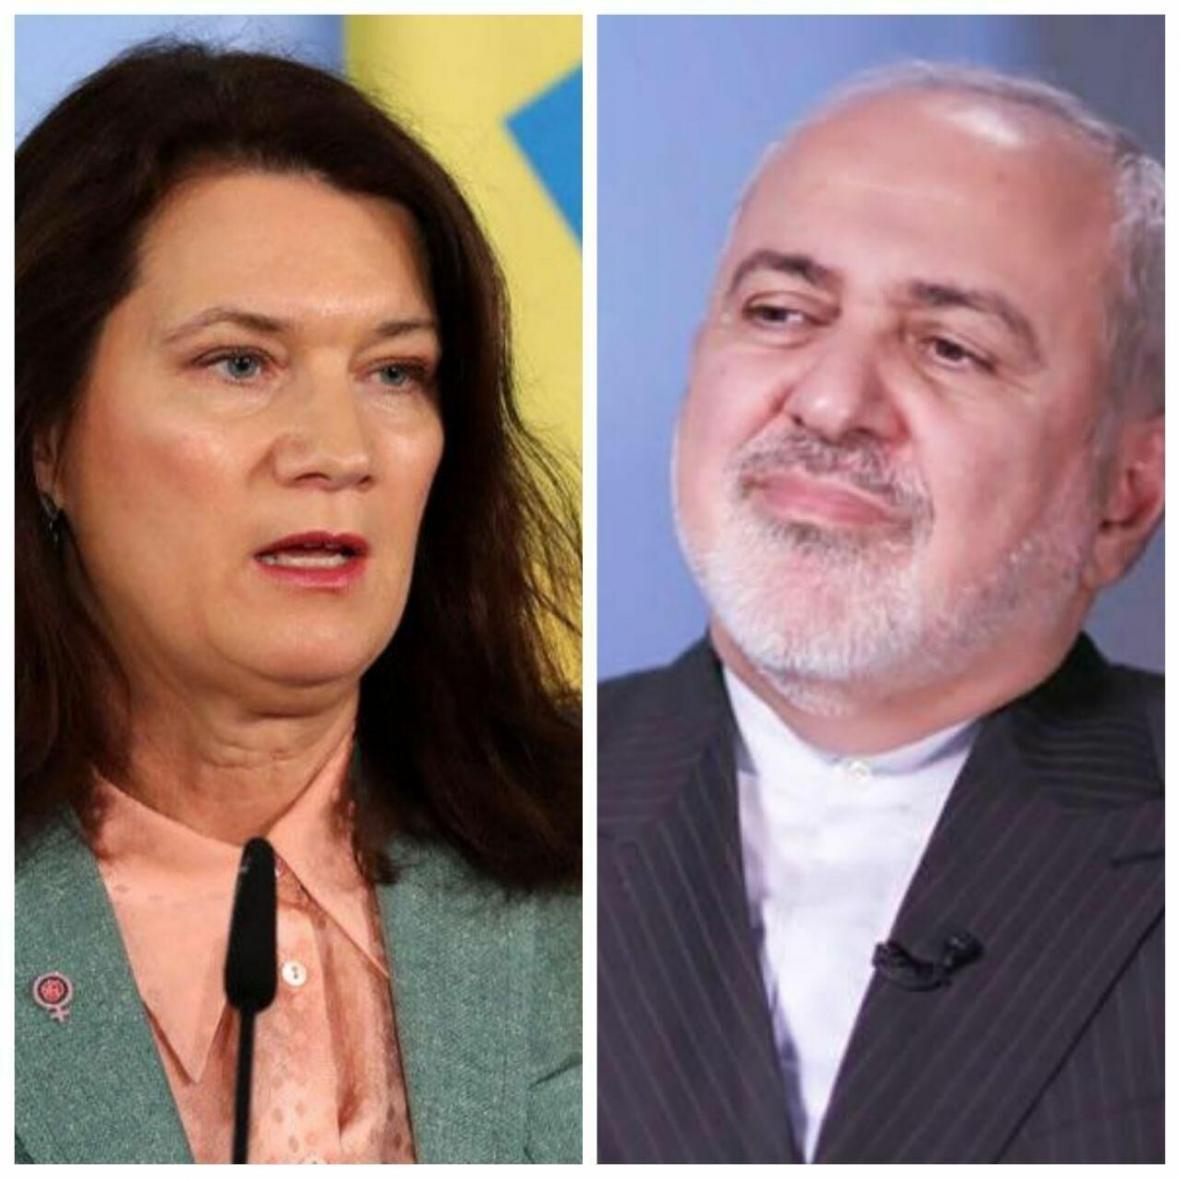 خبرنگاران وزرای خارجه سوئد و ایران در مورد مسائل دنیا گفتگو کردند